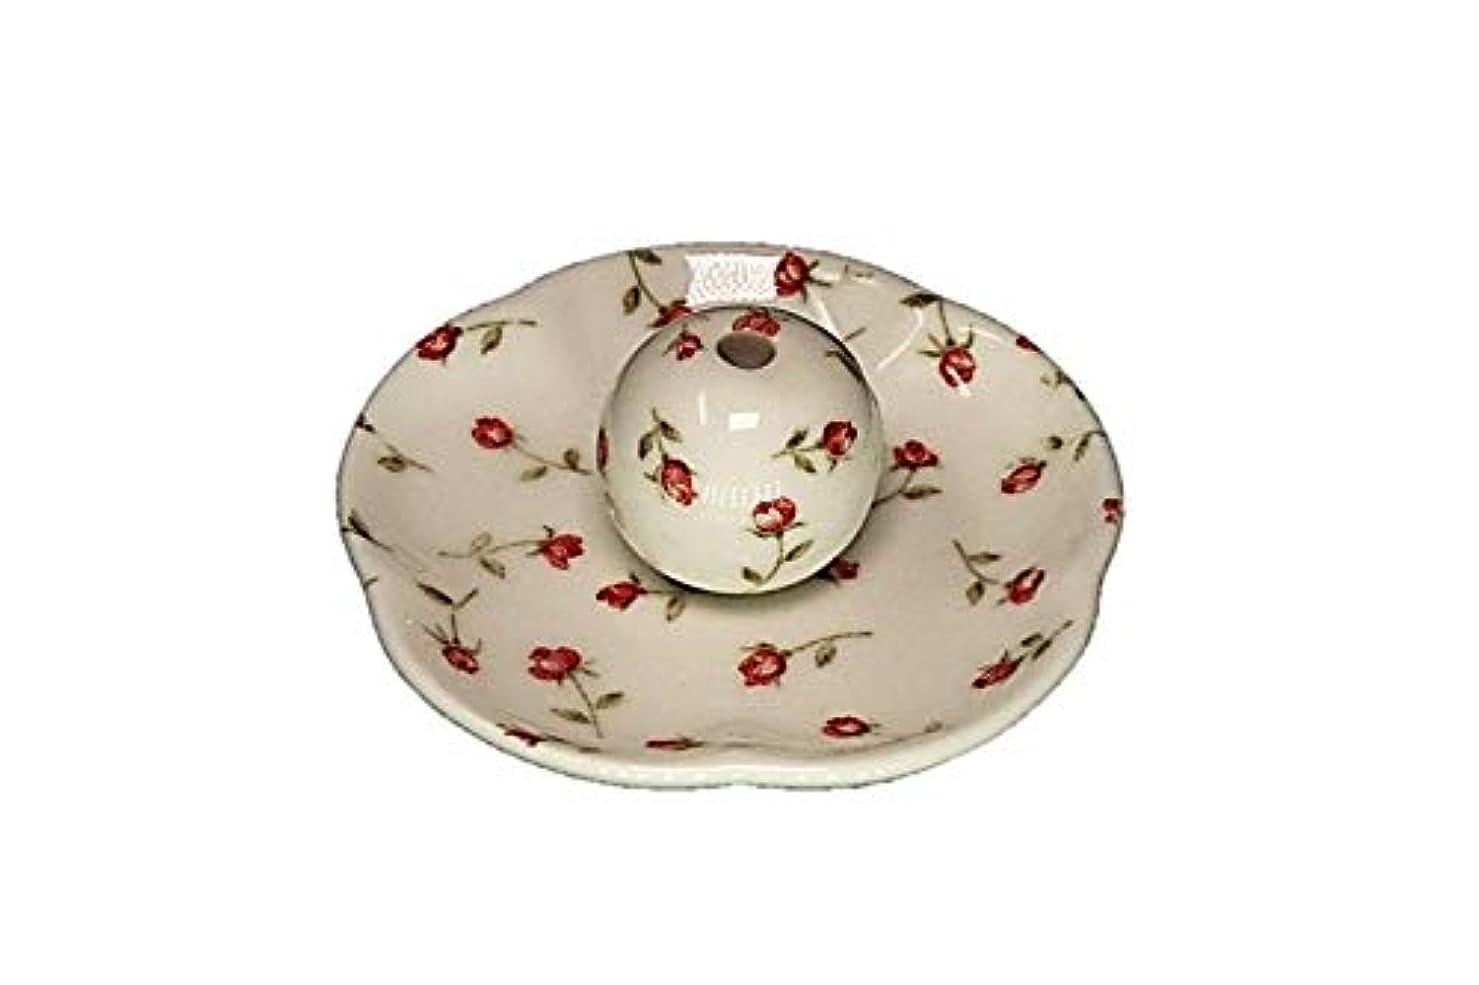 公爵不機嫌そうなダニローズガーデン 花形香皿 お香立て お香たて 日本製 ACSWEBSHOPオリジナル